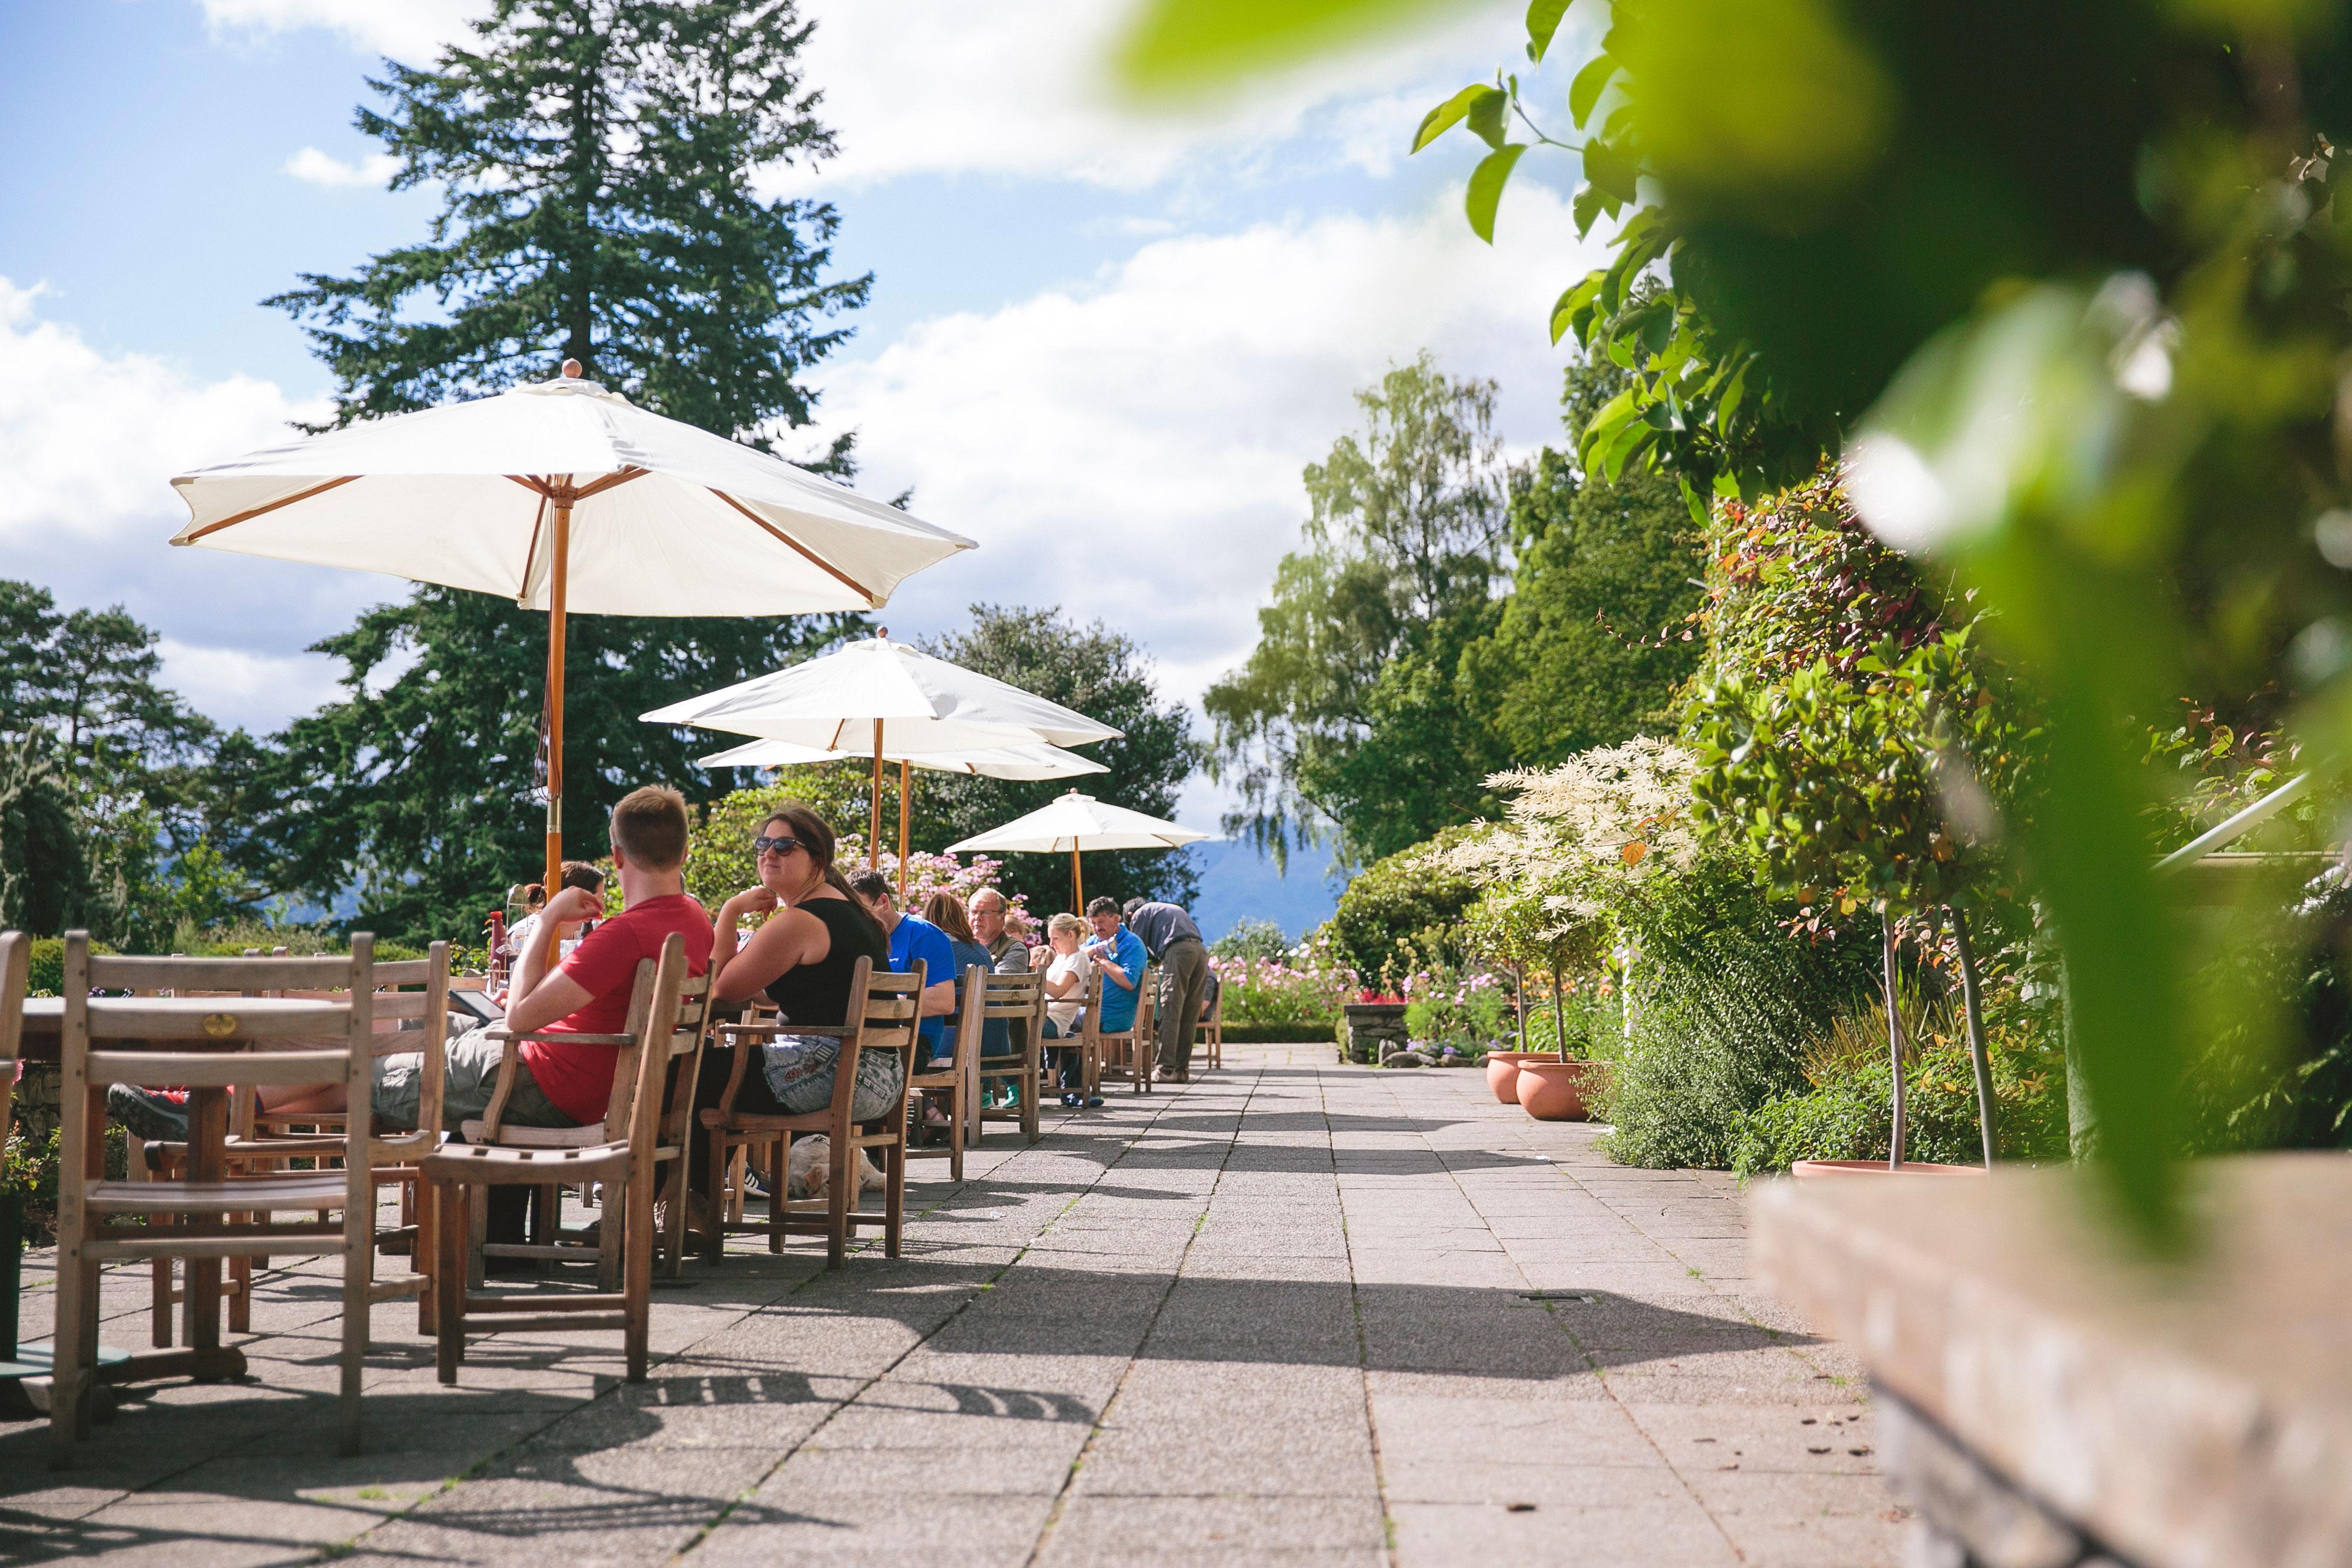 Cafe terrace amongst a summer garden